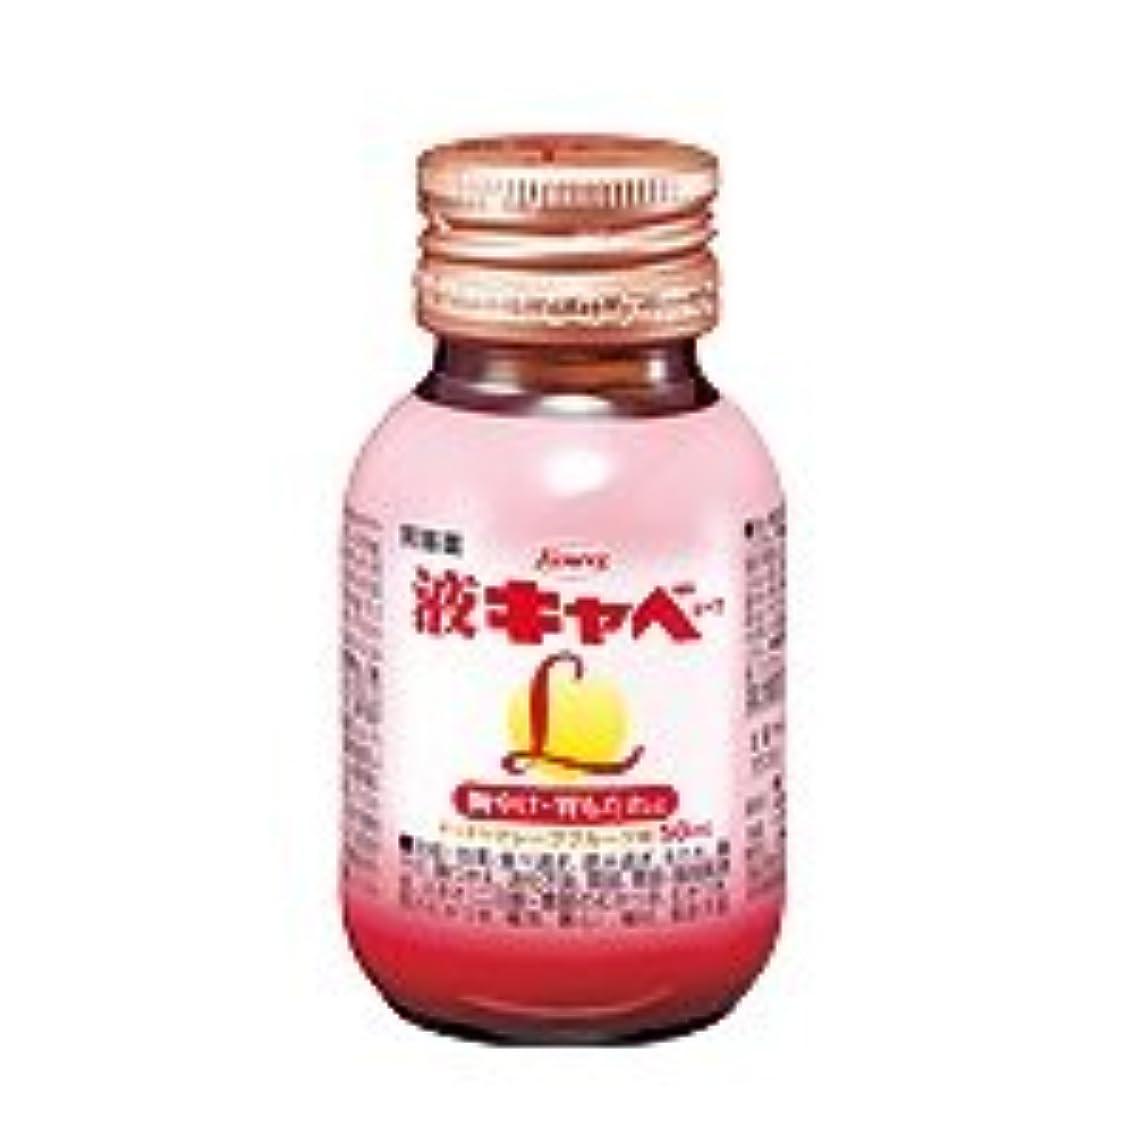 狂人カカドゥ誠意【第2類医薬品】液キャベコーワL 50mL ×5